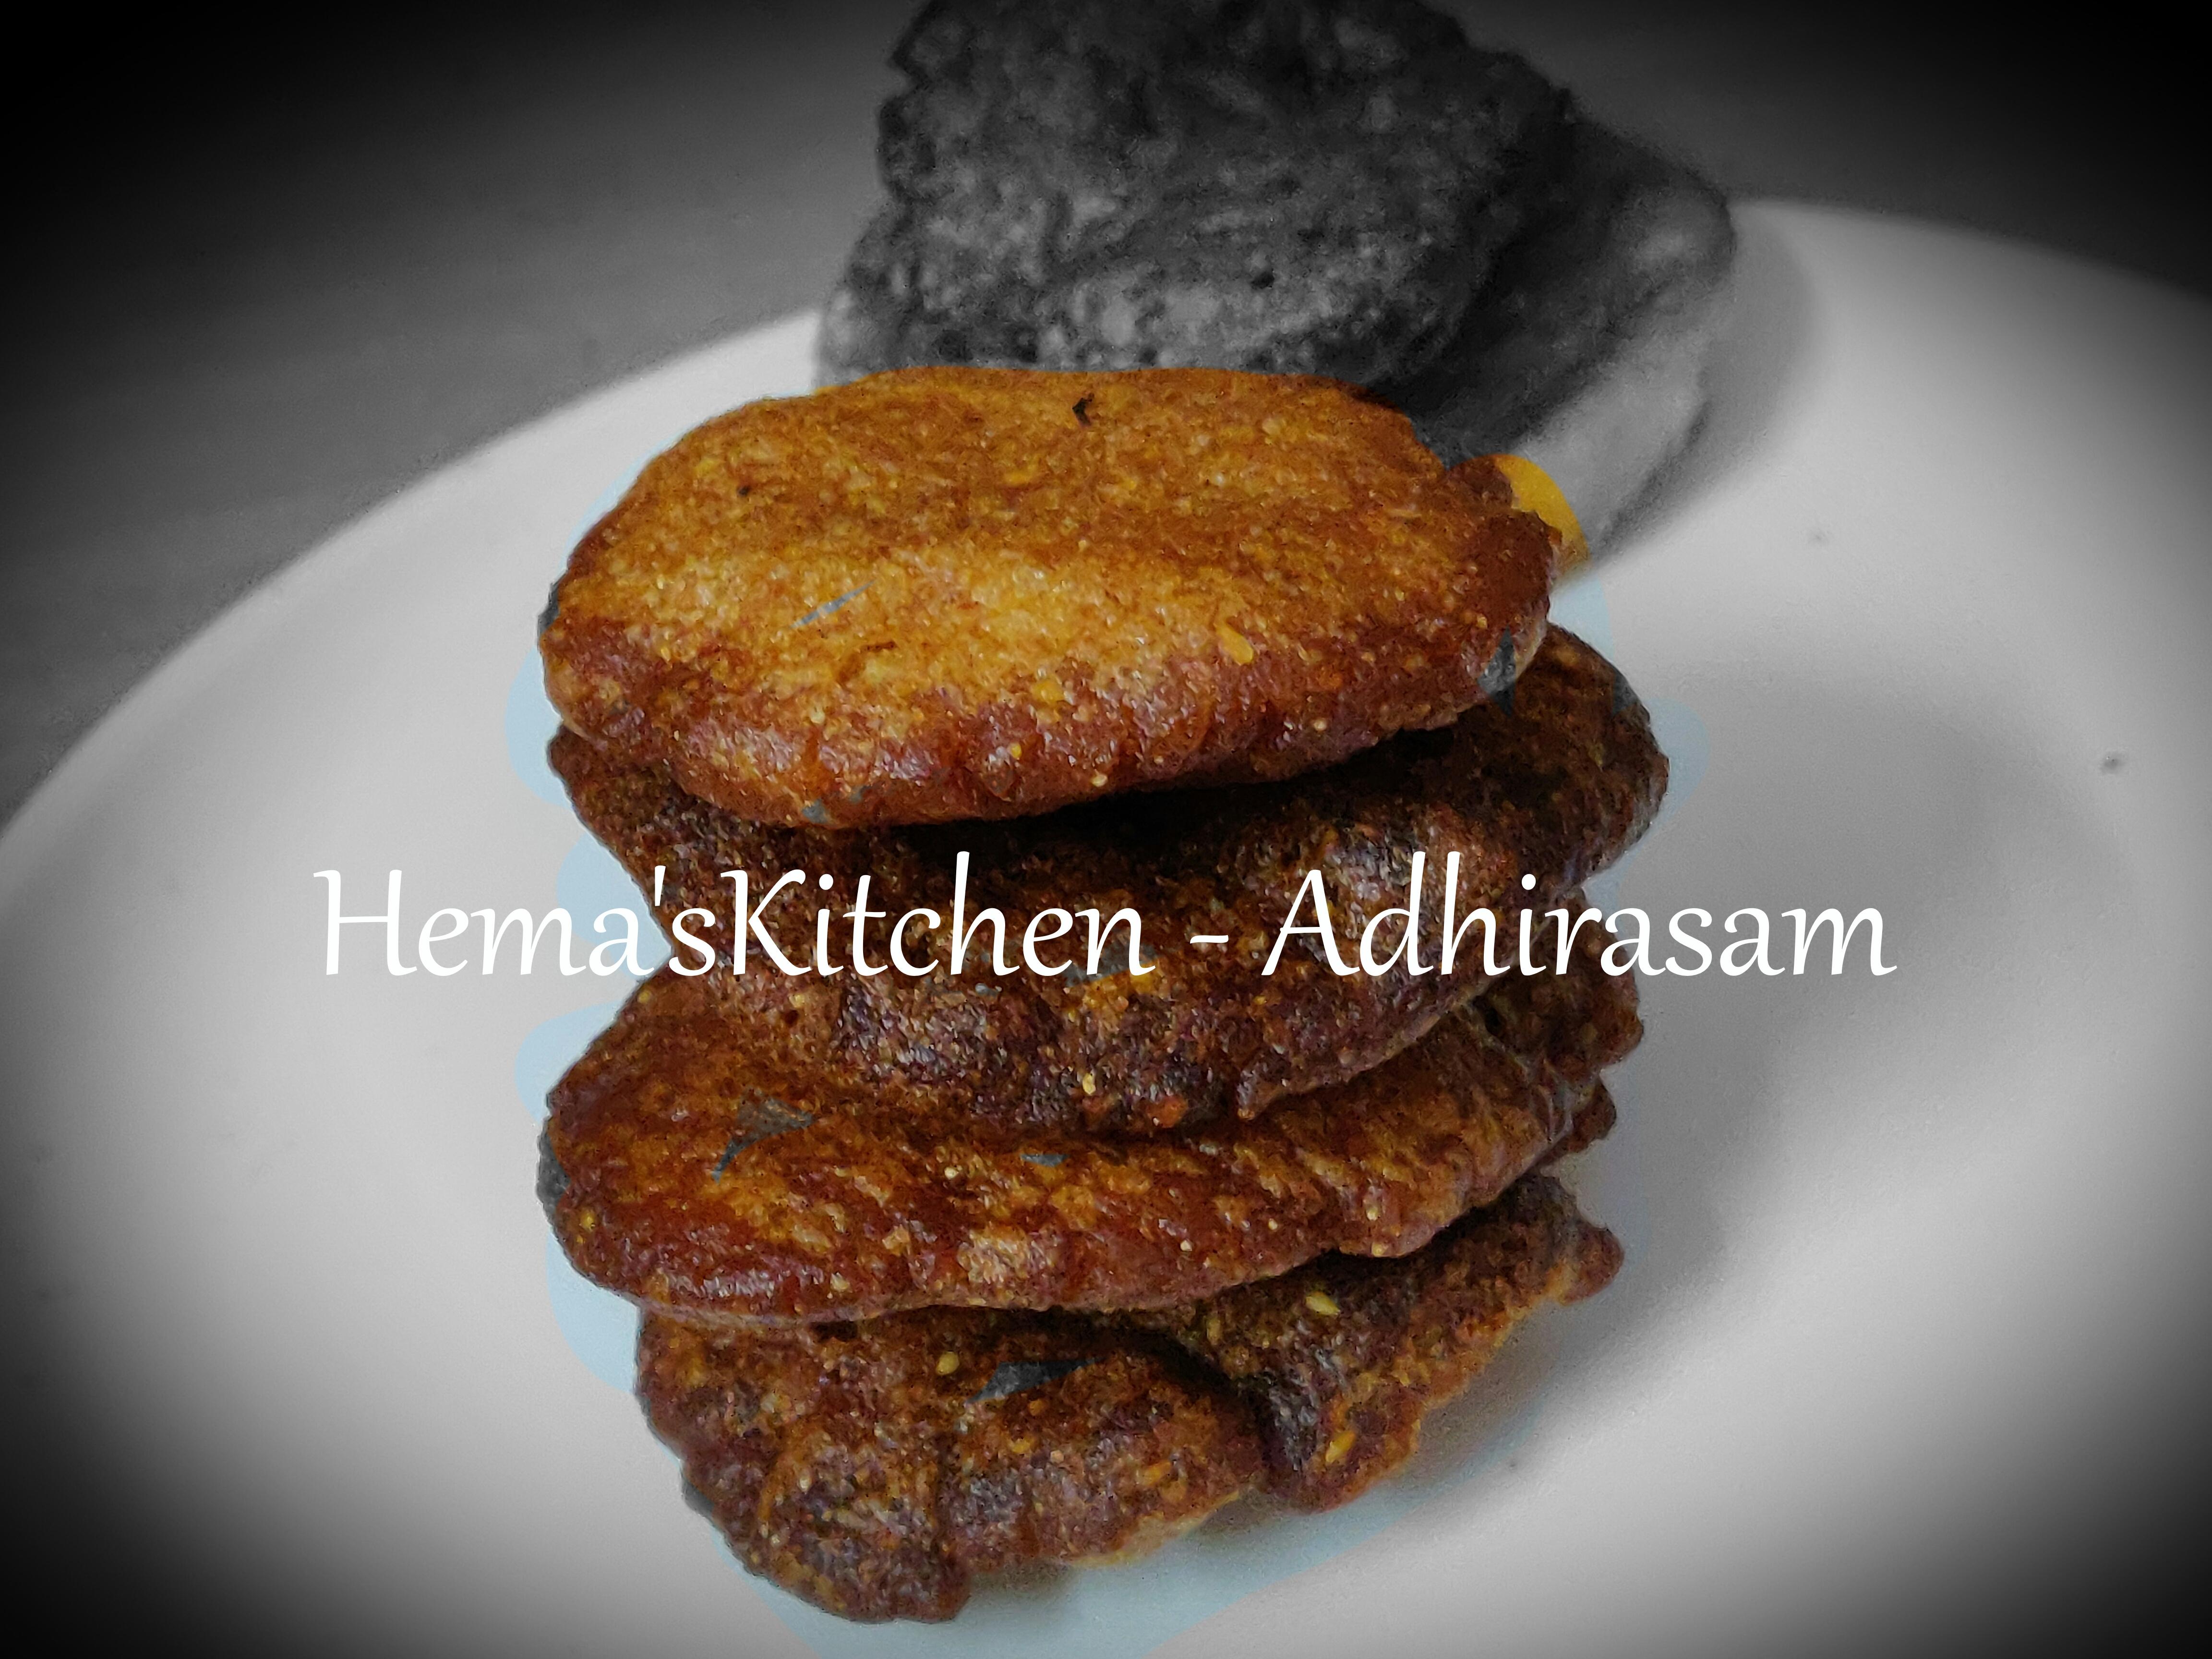 Adhirasam